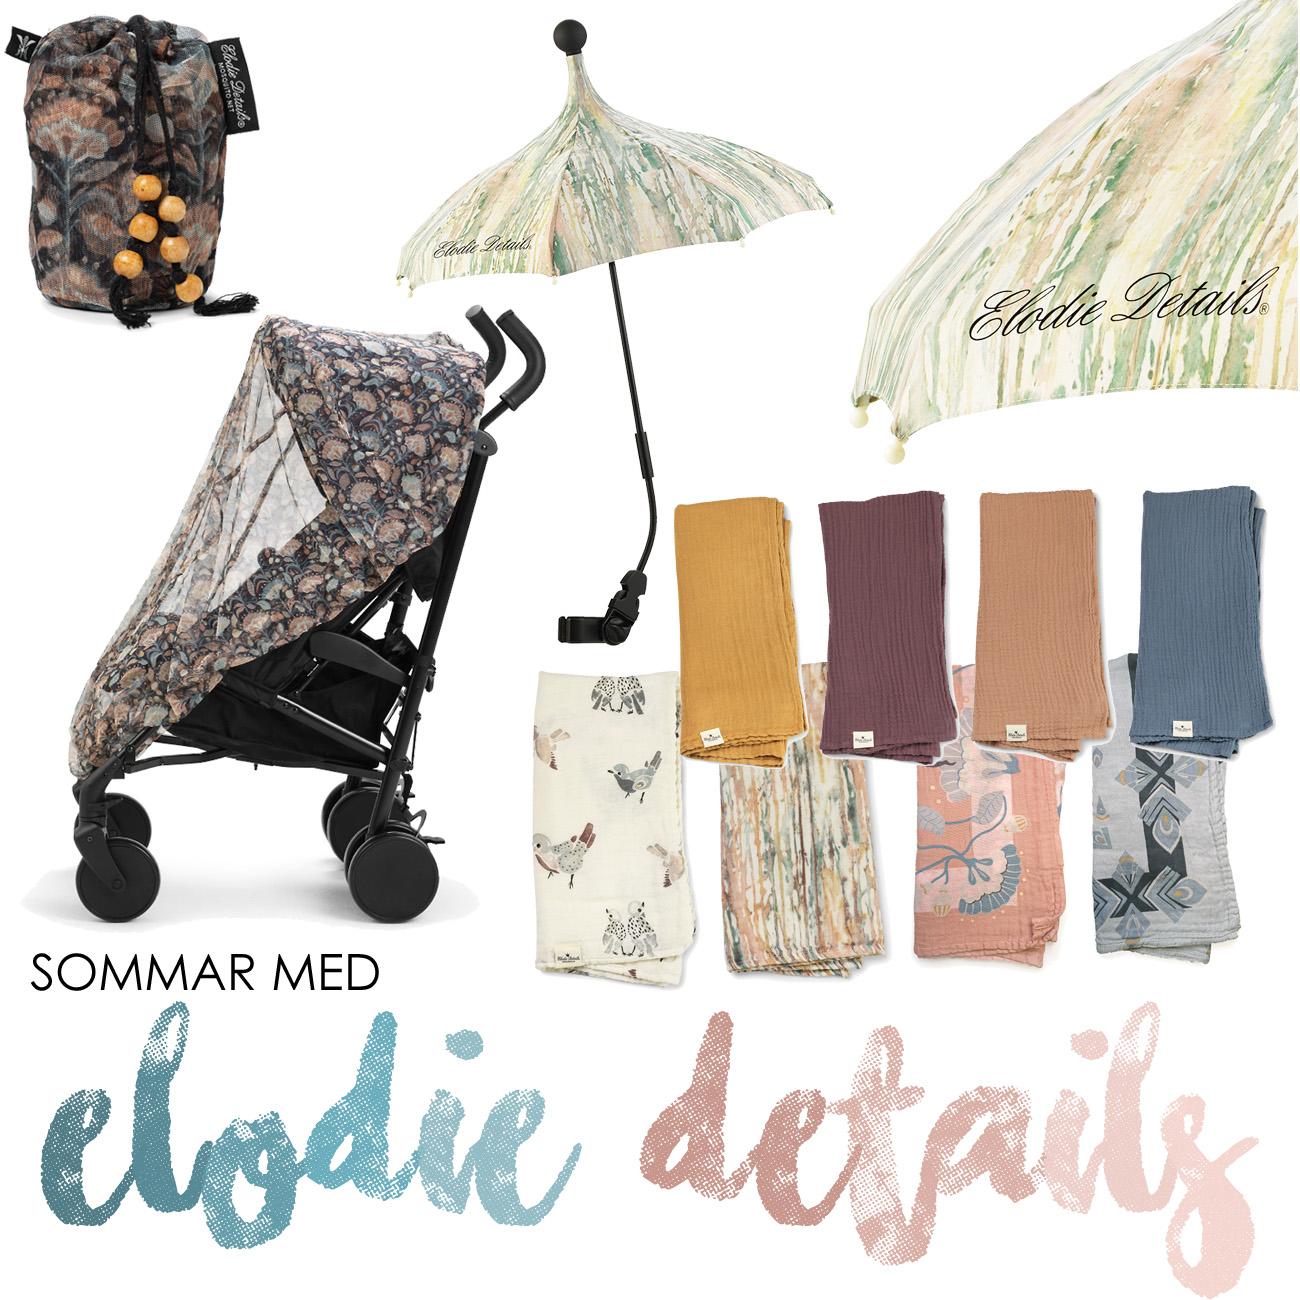 Elodie Details vårnyheter 2019 sommarnyheter insektsnät myggnät parasoll muslinfiltar bambufilt